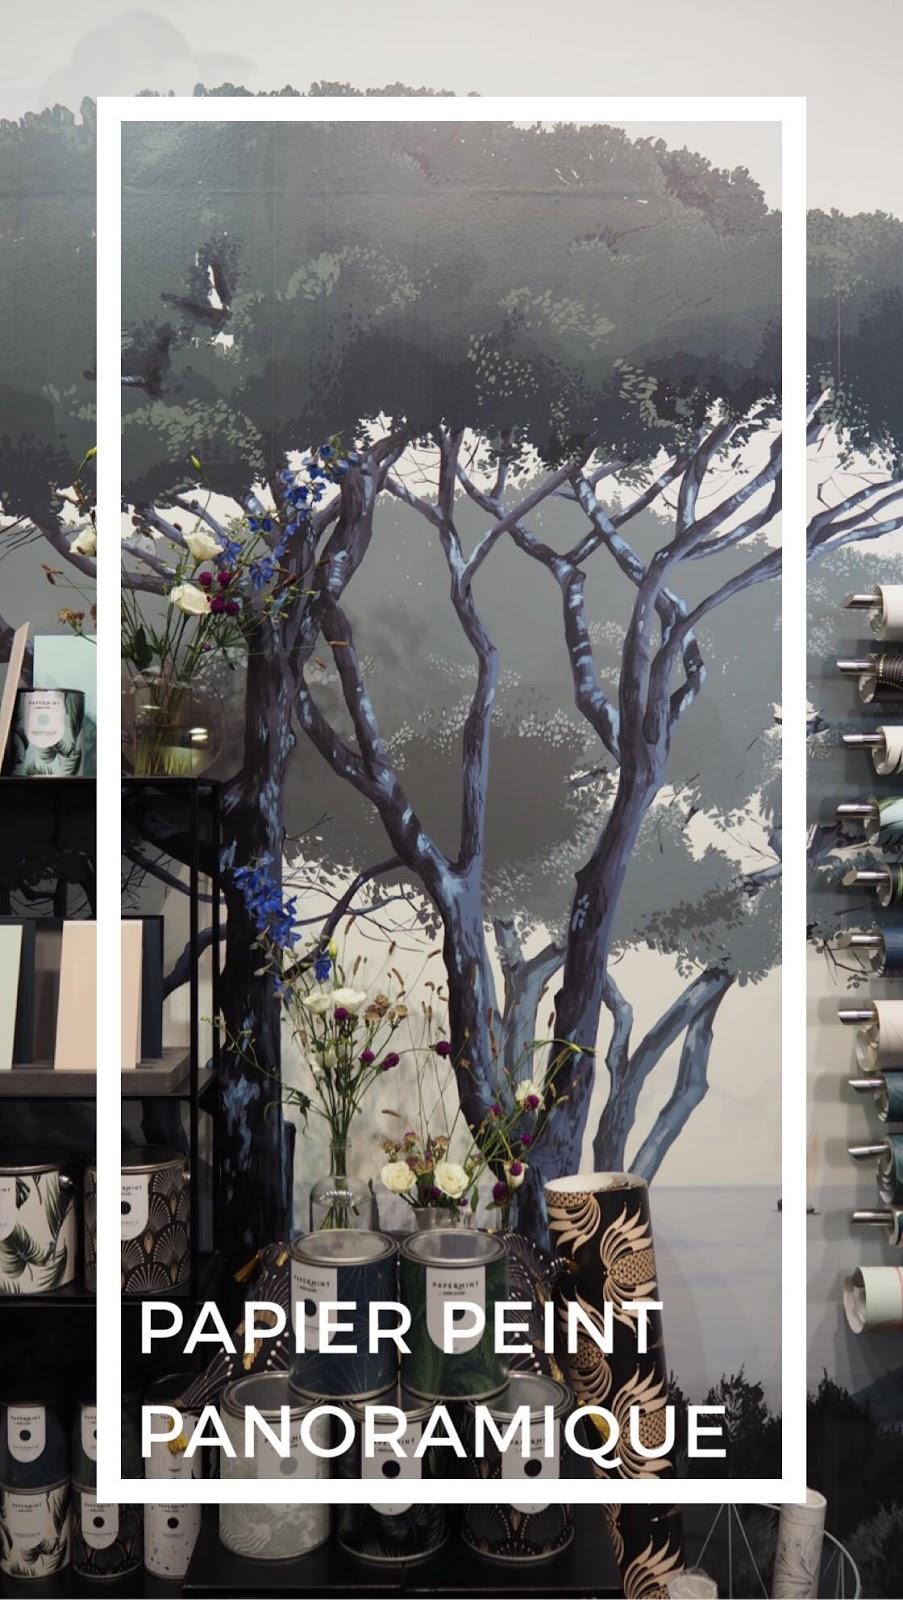 ilaria fatone - papier peint panoramique - tendances de maison & objets